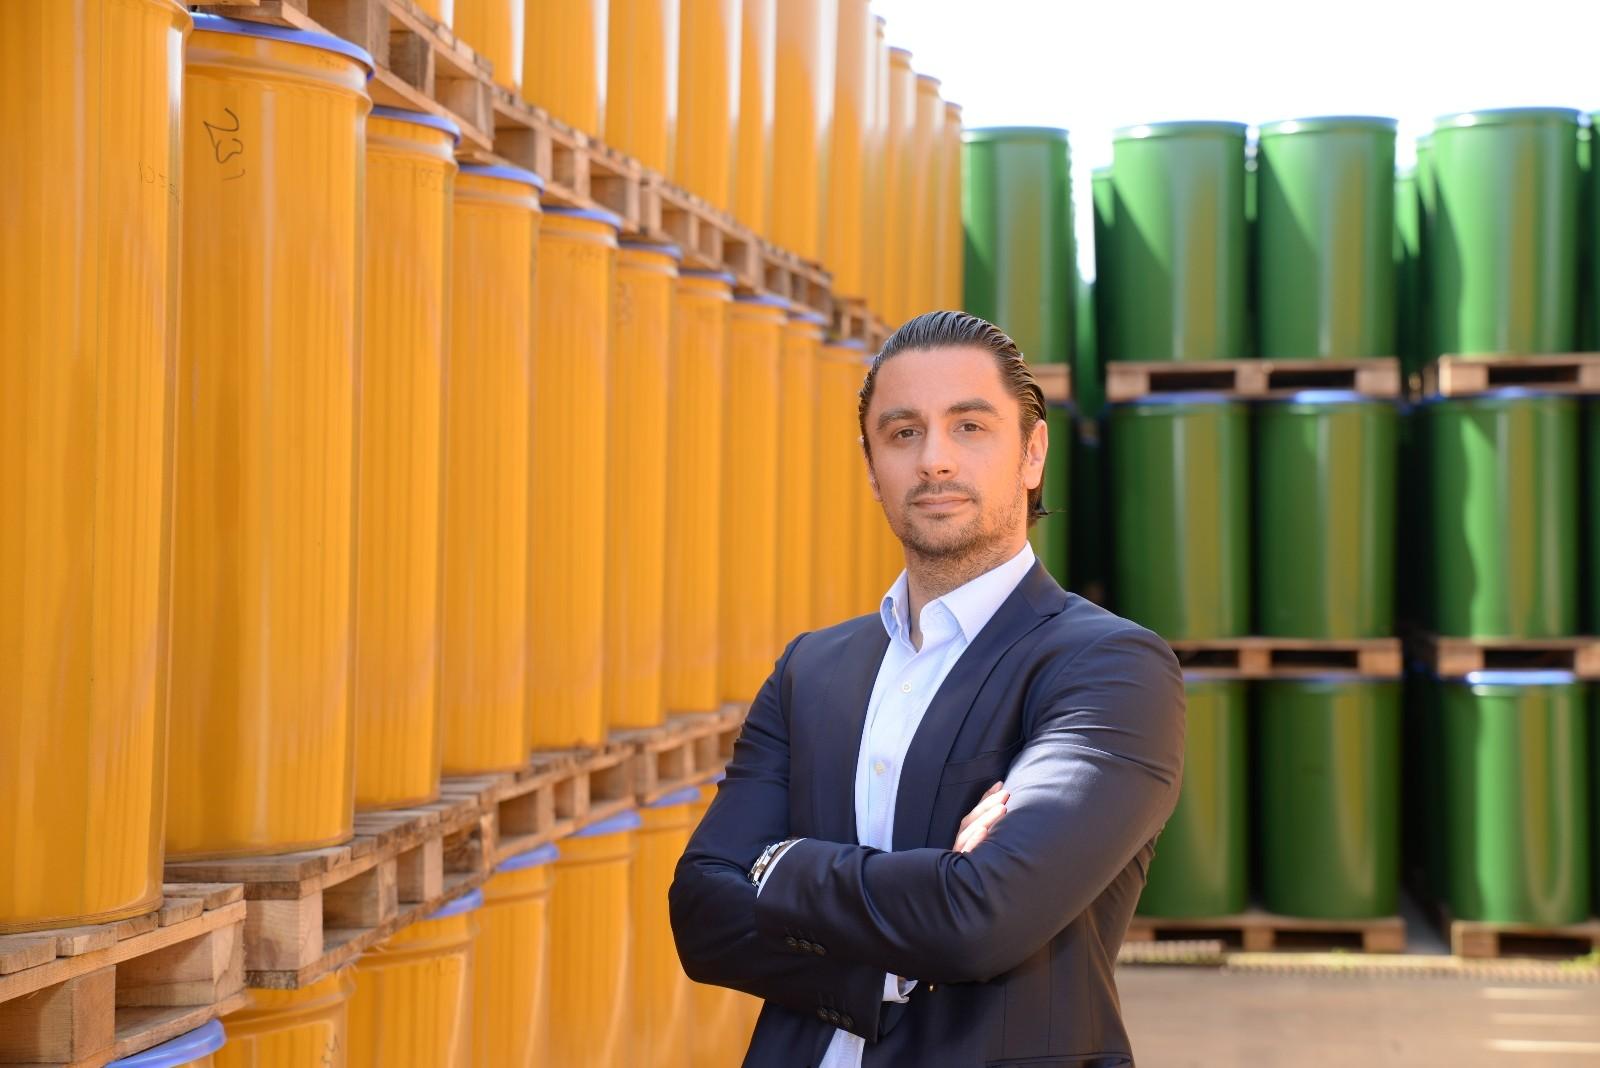 Domates üreticisi Merko, Frigo Pak Gıda'nın yüzde 25'ini satın aldı